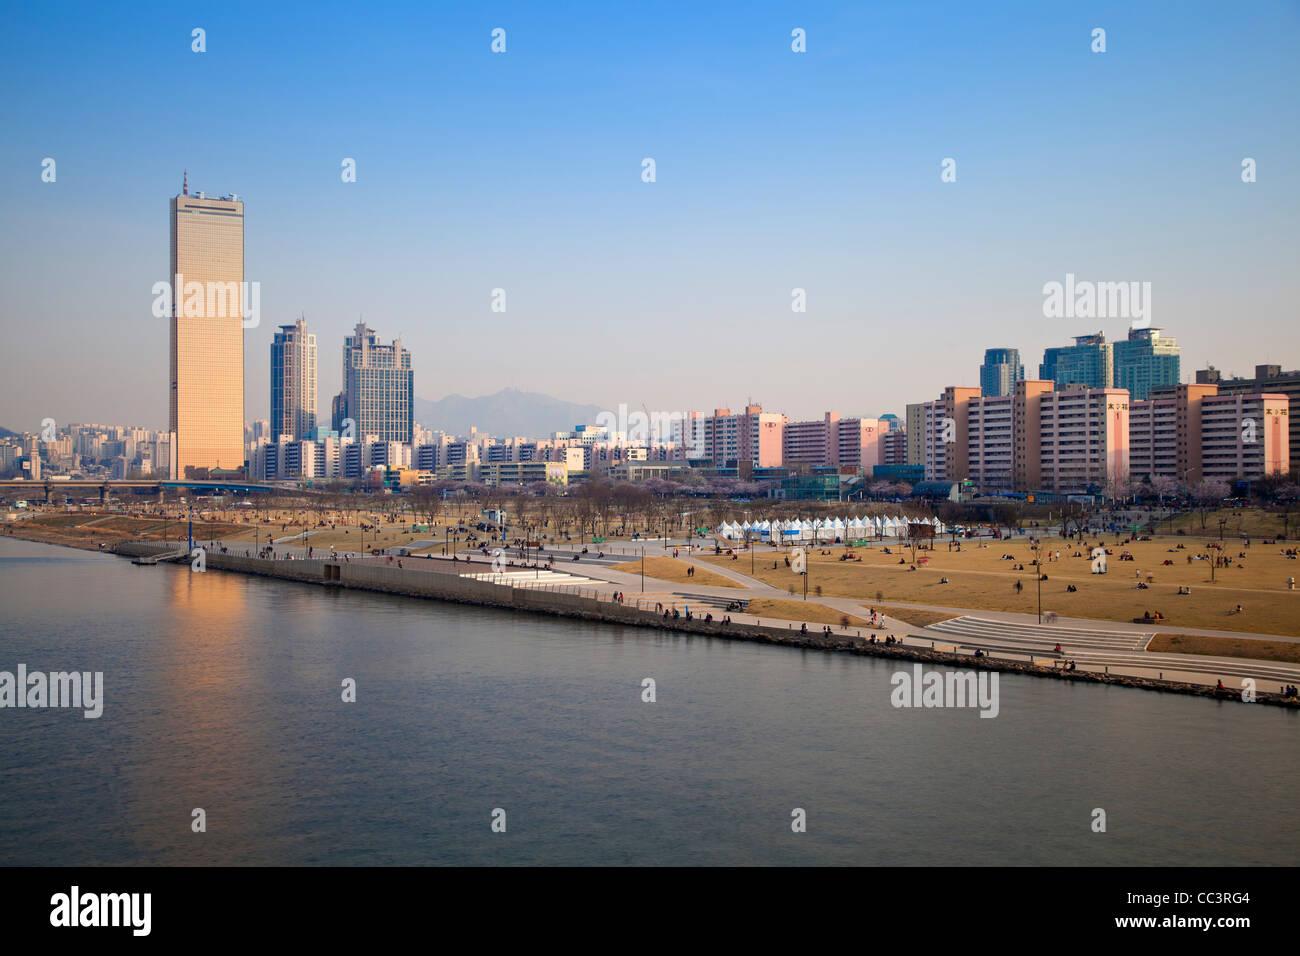 Corea, Seúl Yeouido, Edificio 63 - uno de los más famosos monumentos Seouls, a orillas del río Hangang Imagen De Stock